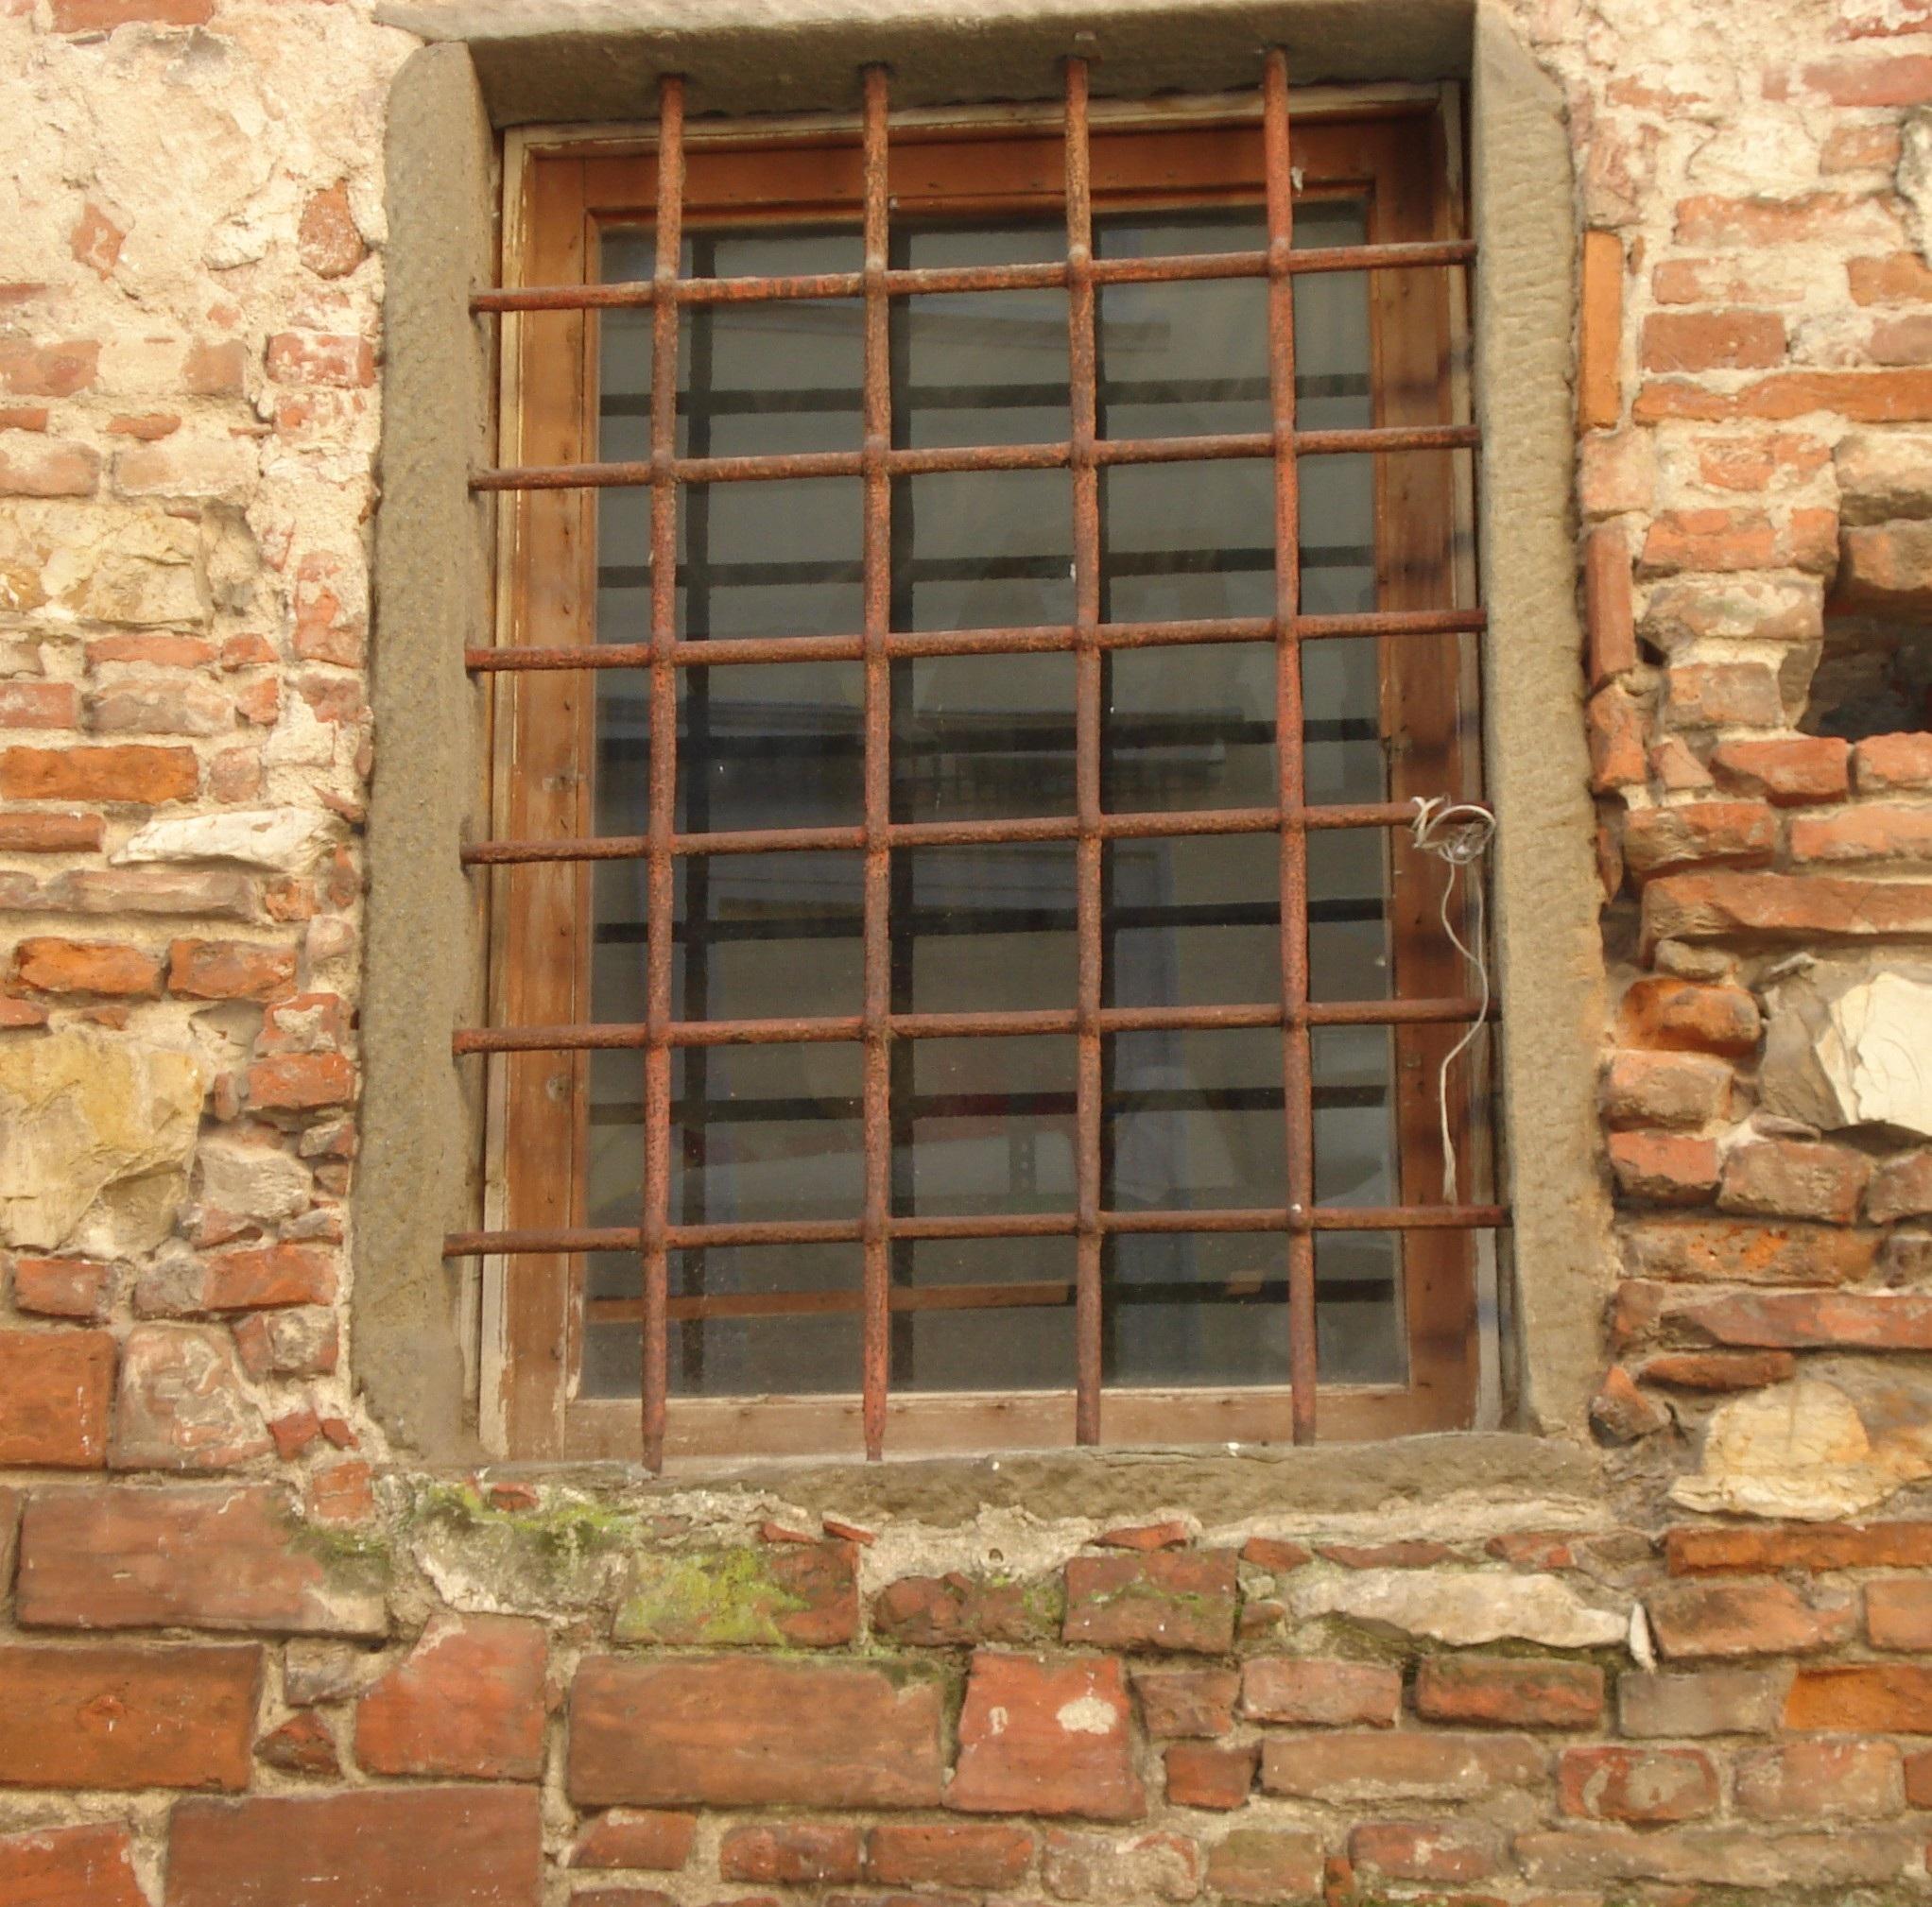 Madera Ventana Edificio Pared Piedra Fachada Pared De Piedra Ladrillo  Puerta Material Diseño De Interiores Barras